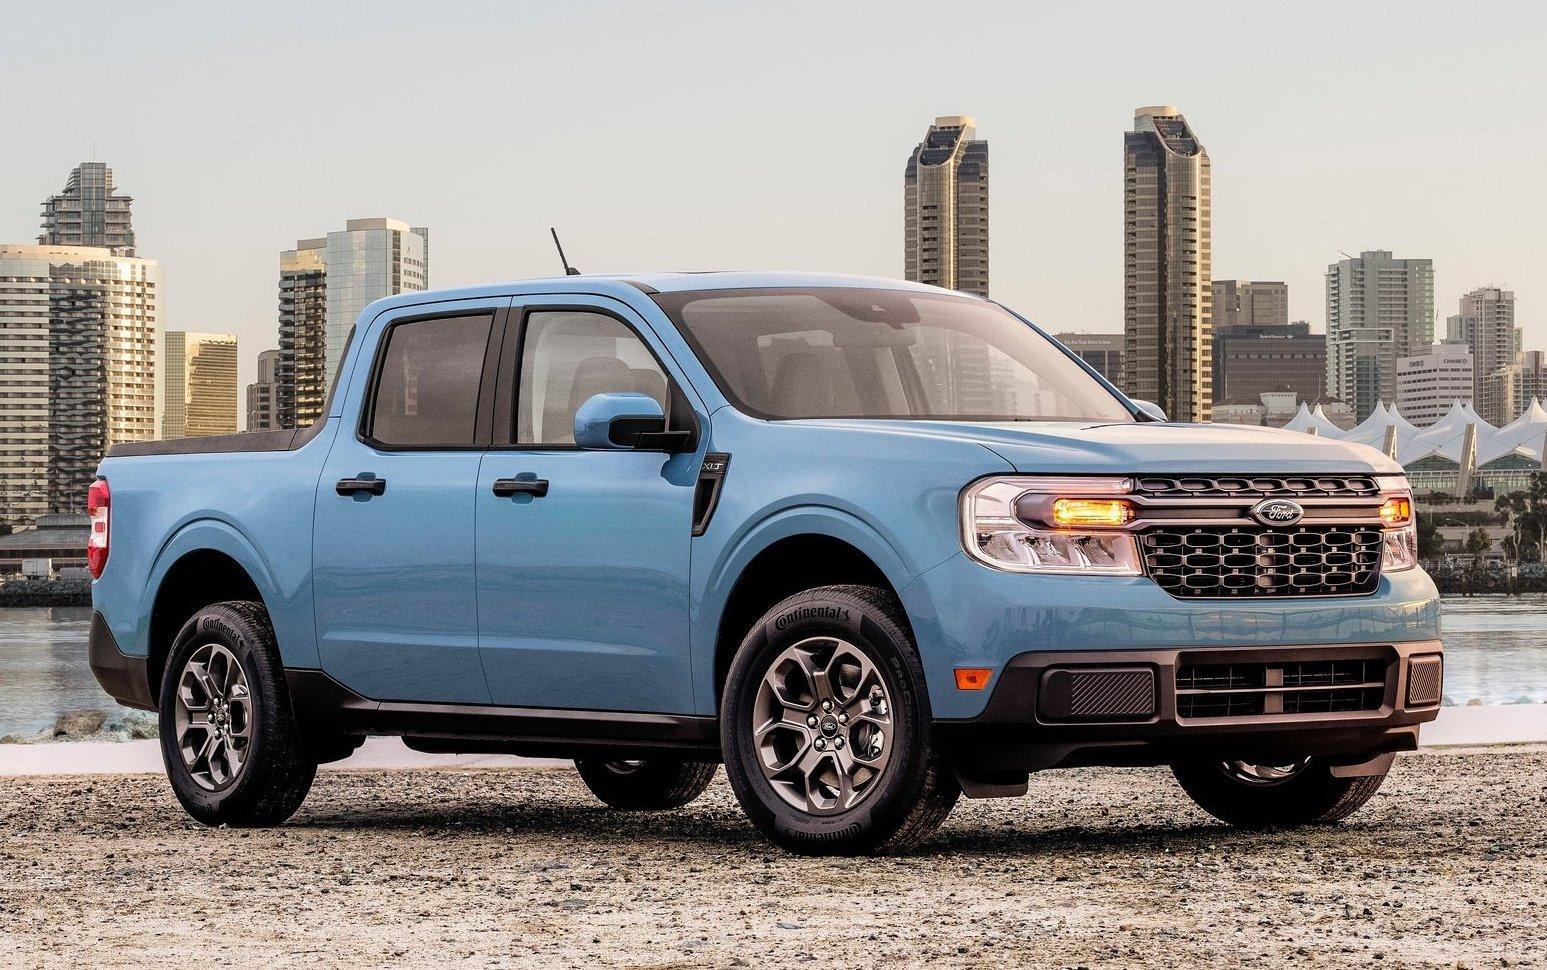 2022 Ford Maverick pickup revealed, not for Australia